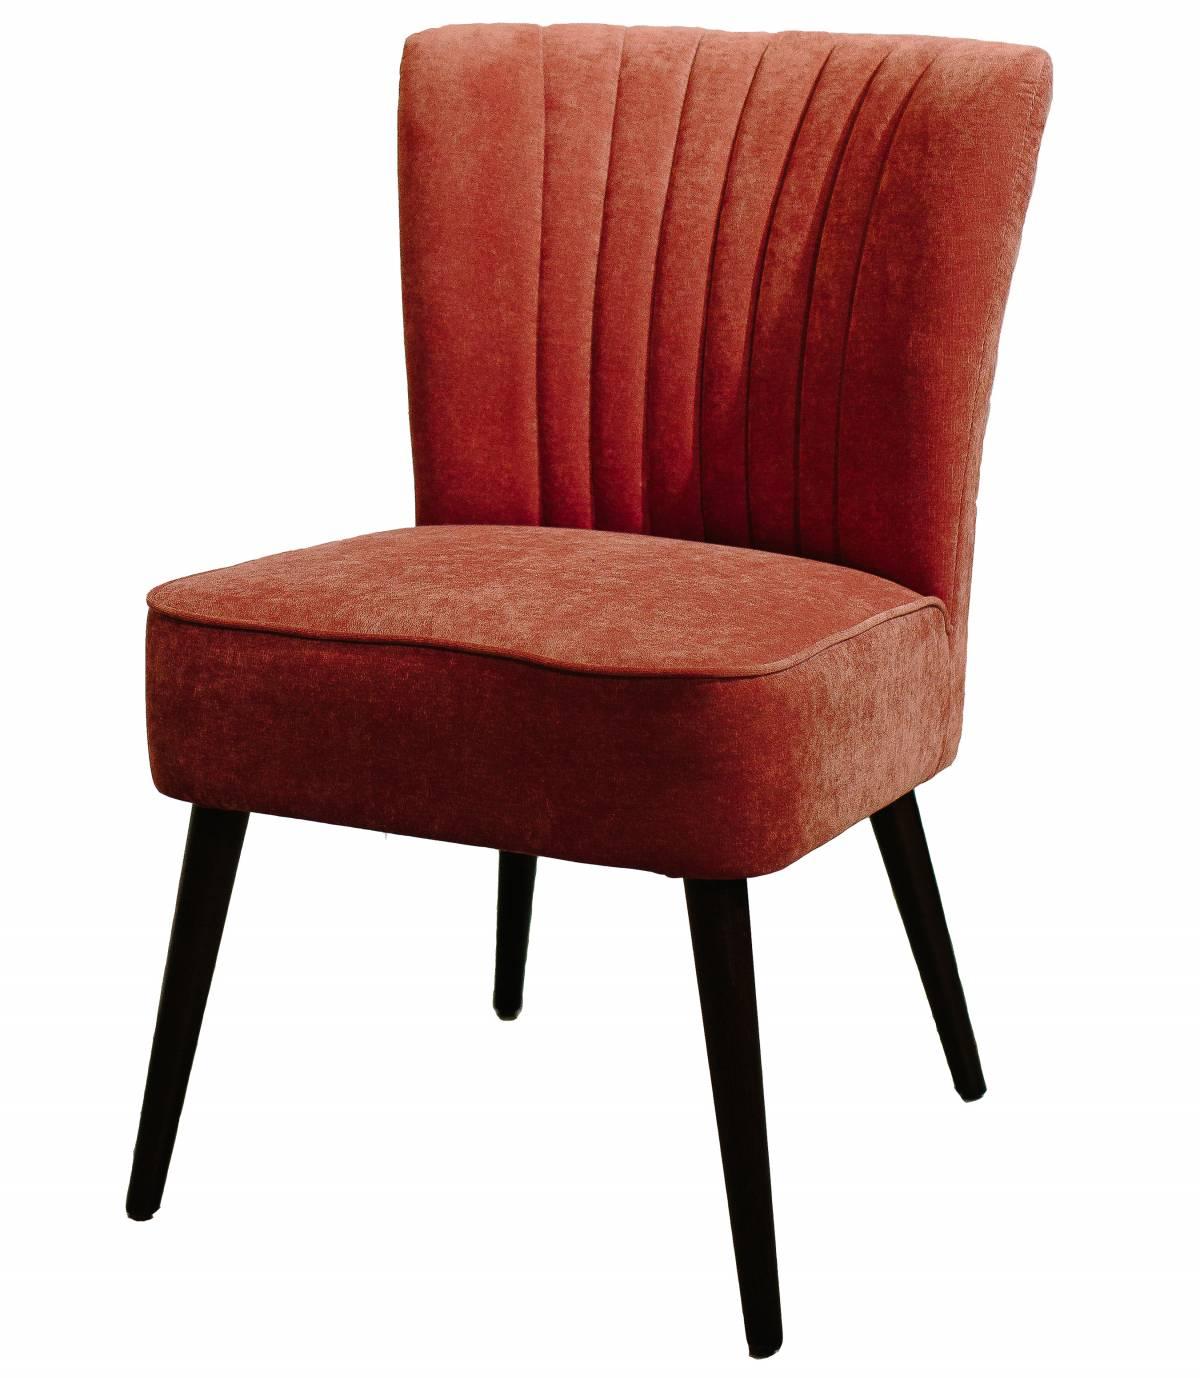 Купить стул DAZE в Raroom